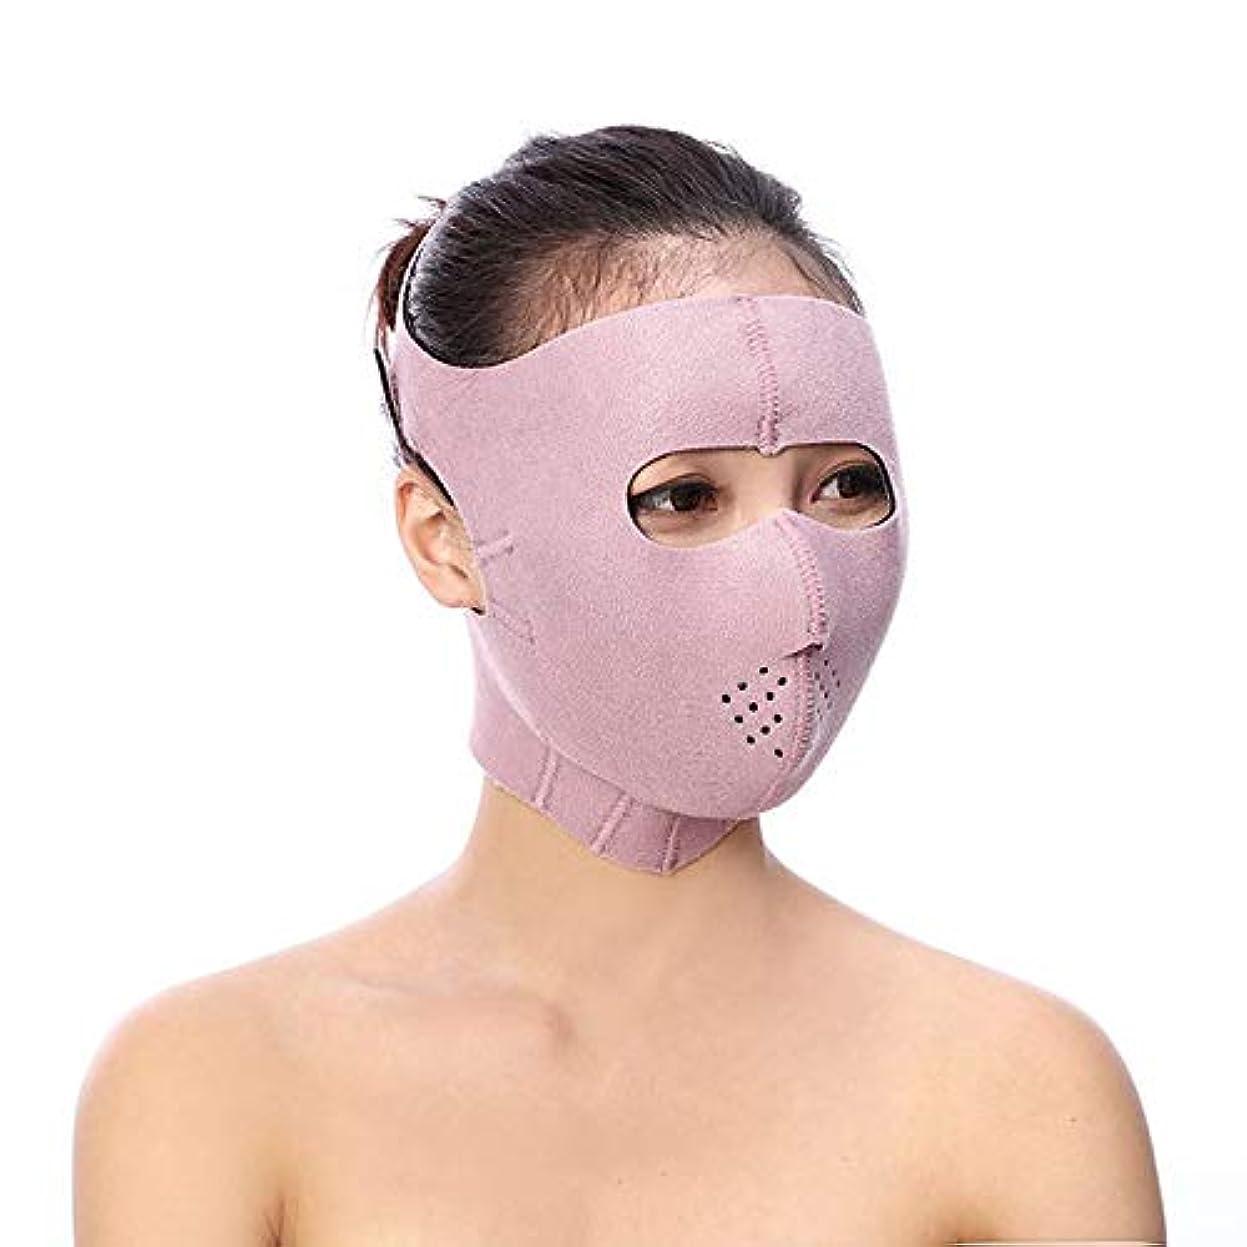 ラテン守銭奴エクステントGYZ フェイシャルリフティング痩身ベルト - Vフェイス包帯マスクフェイシャルマッサージャー無料の薄いフェイス包帯整形マスクを引き締める顔と首の顔スリム Thin Face Belt